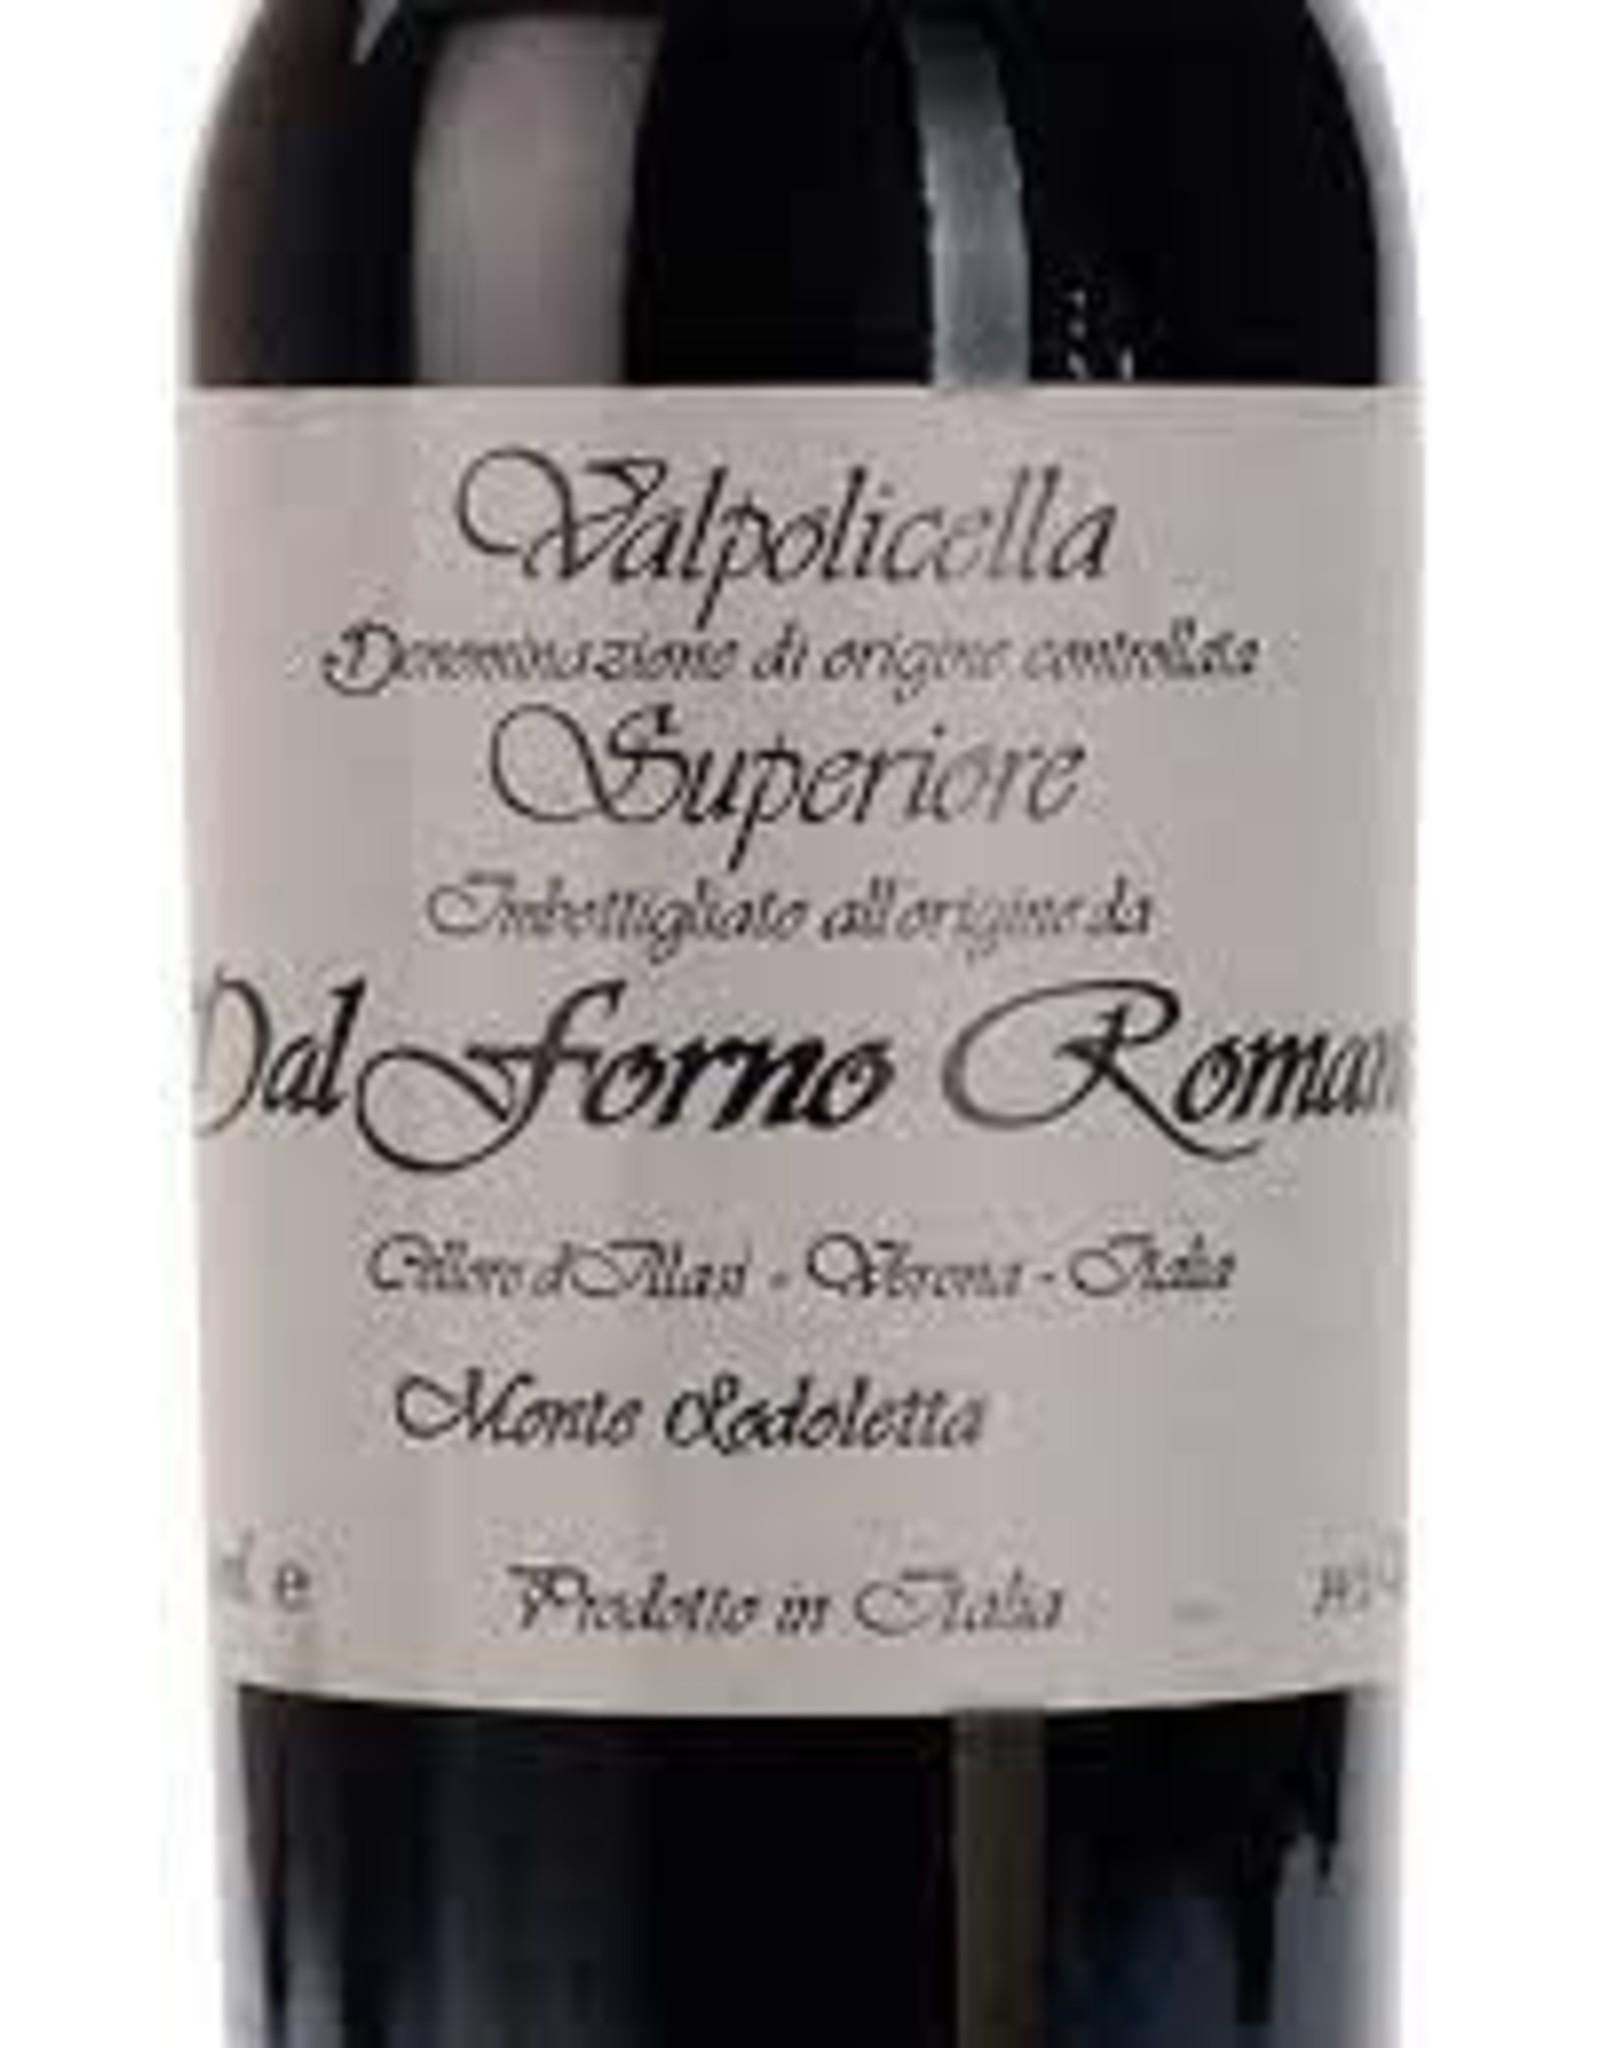 Dal Forno Romano Dal Forno Romano Valpolicella Superiore, 2013